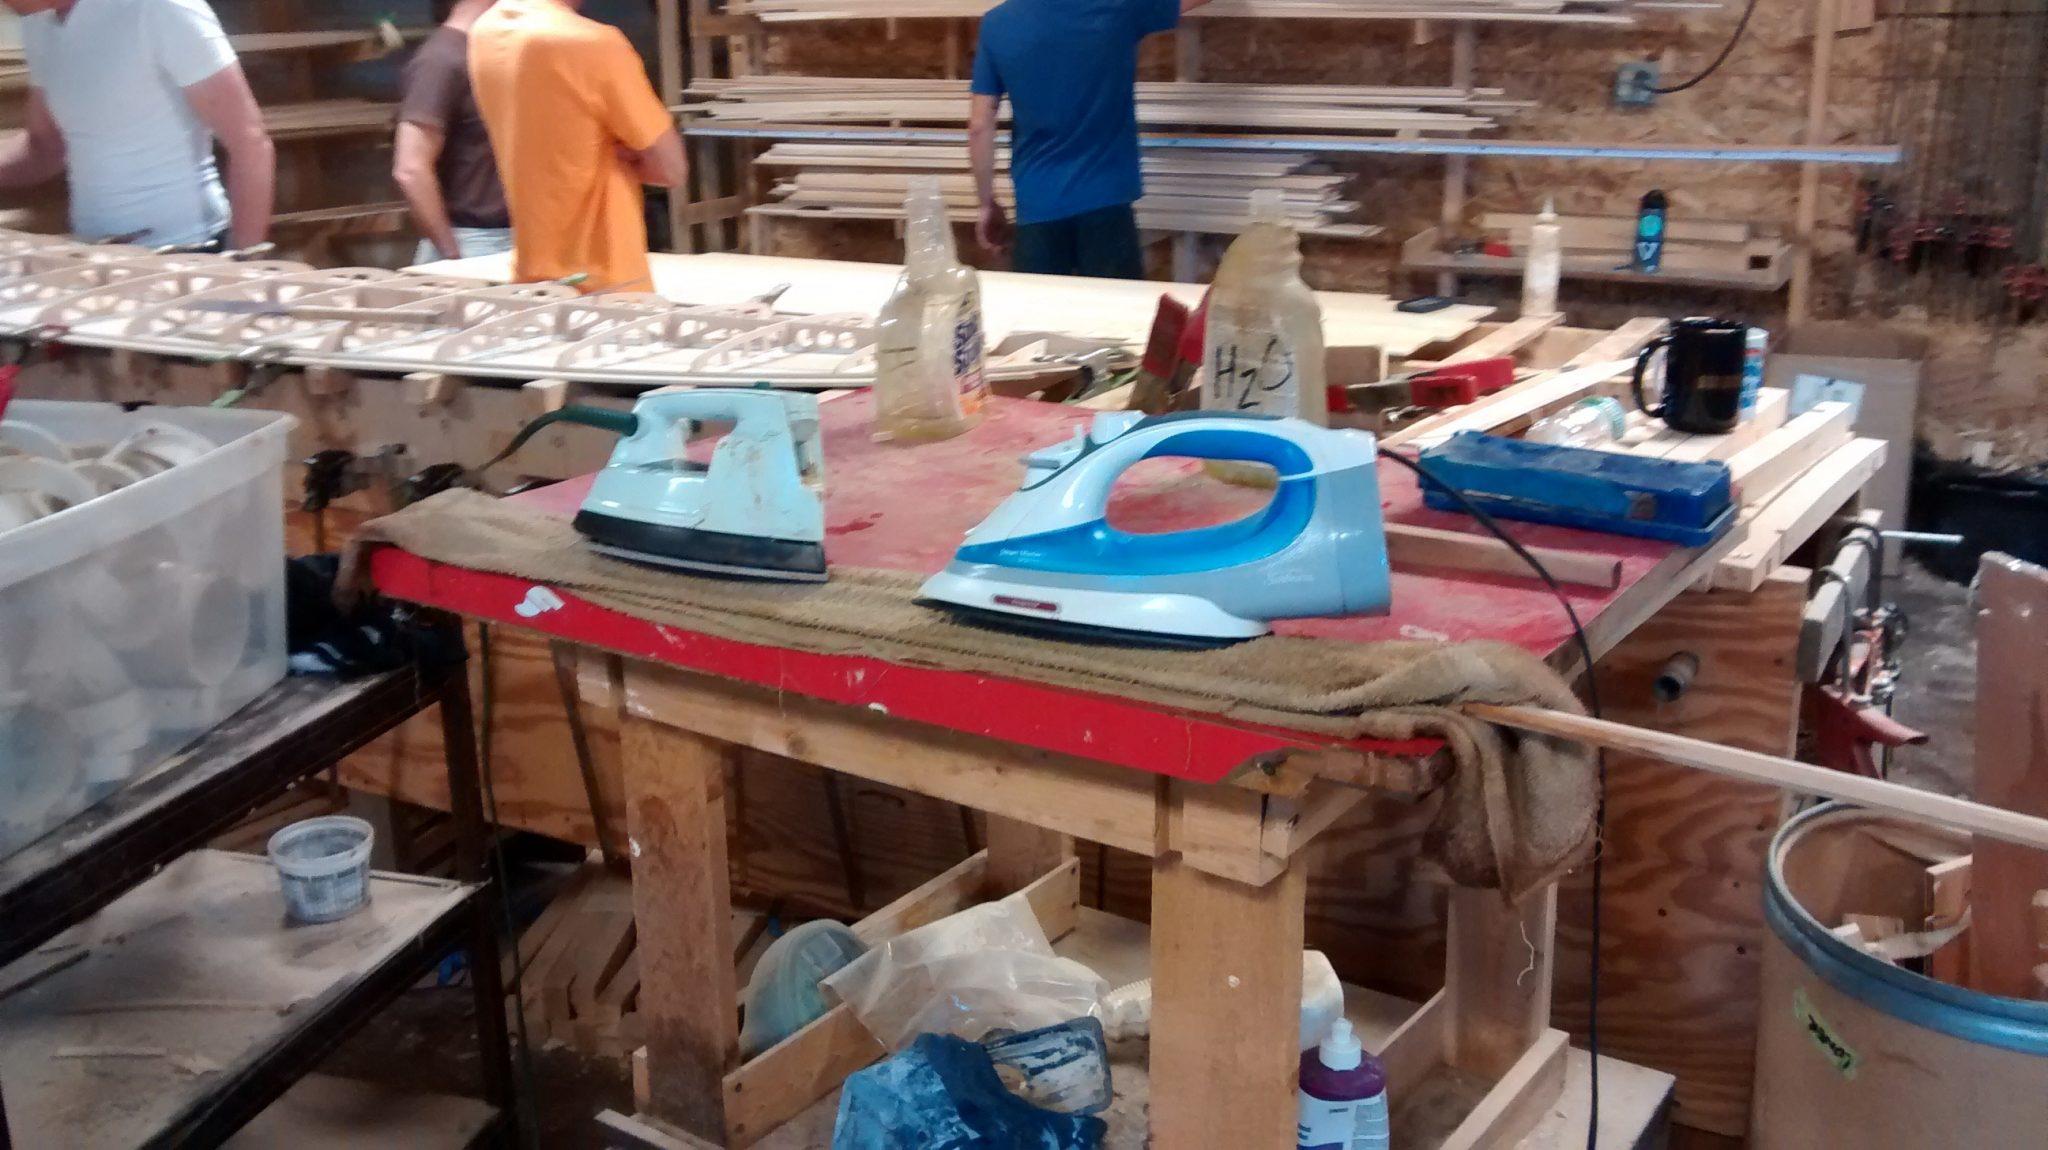 Ripa de prancha de surf sendo aquecida com ferro a vapor (fonte: Cassio Neres)